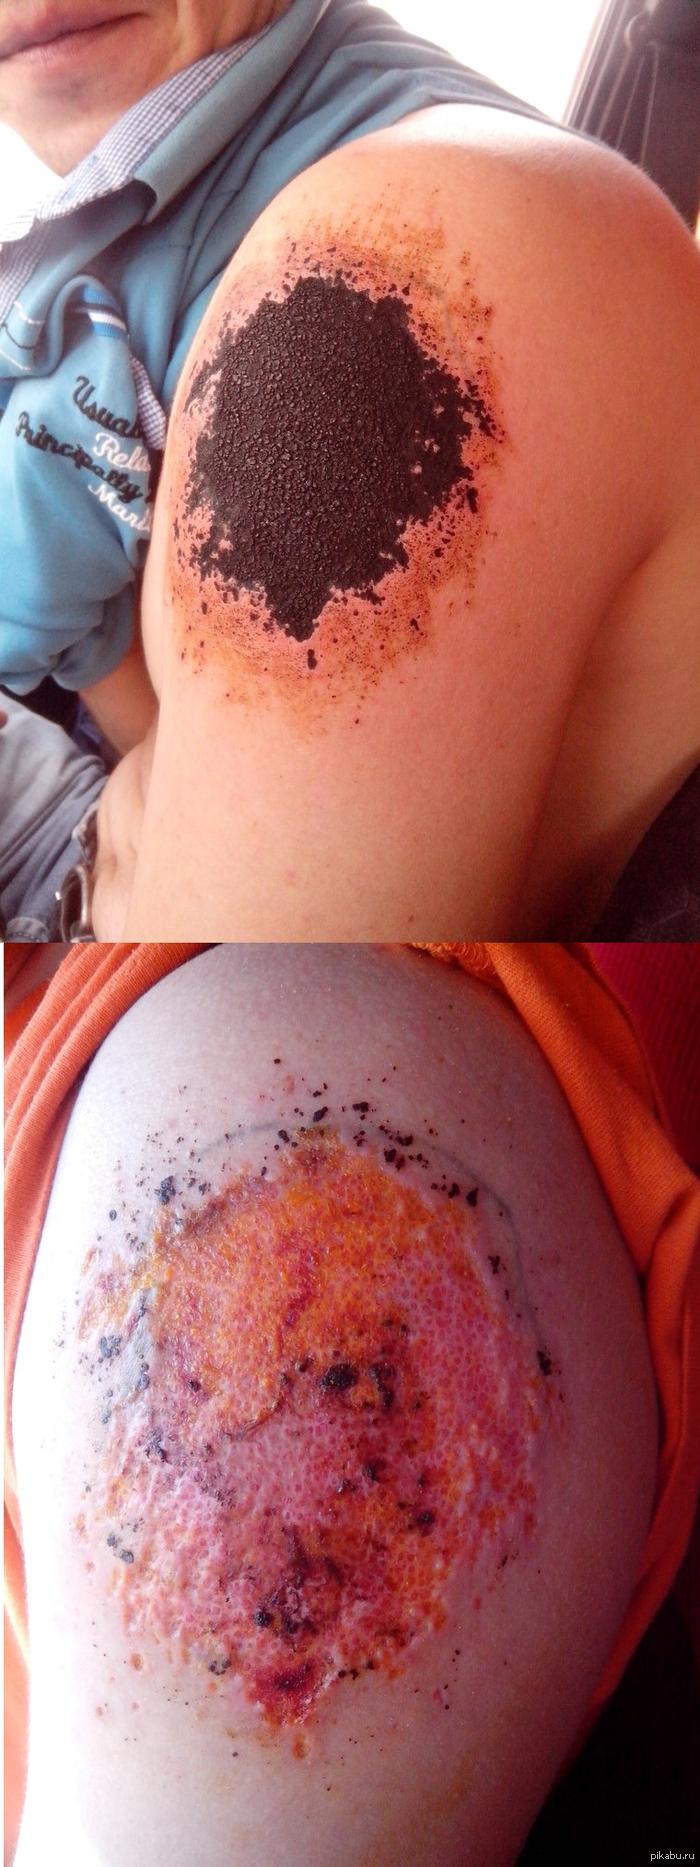 Как в домашних условиях избавиться от татуировки в домашних условиях быстро